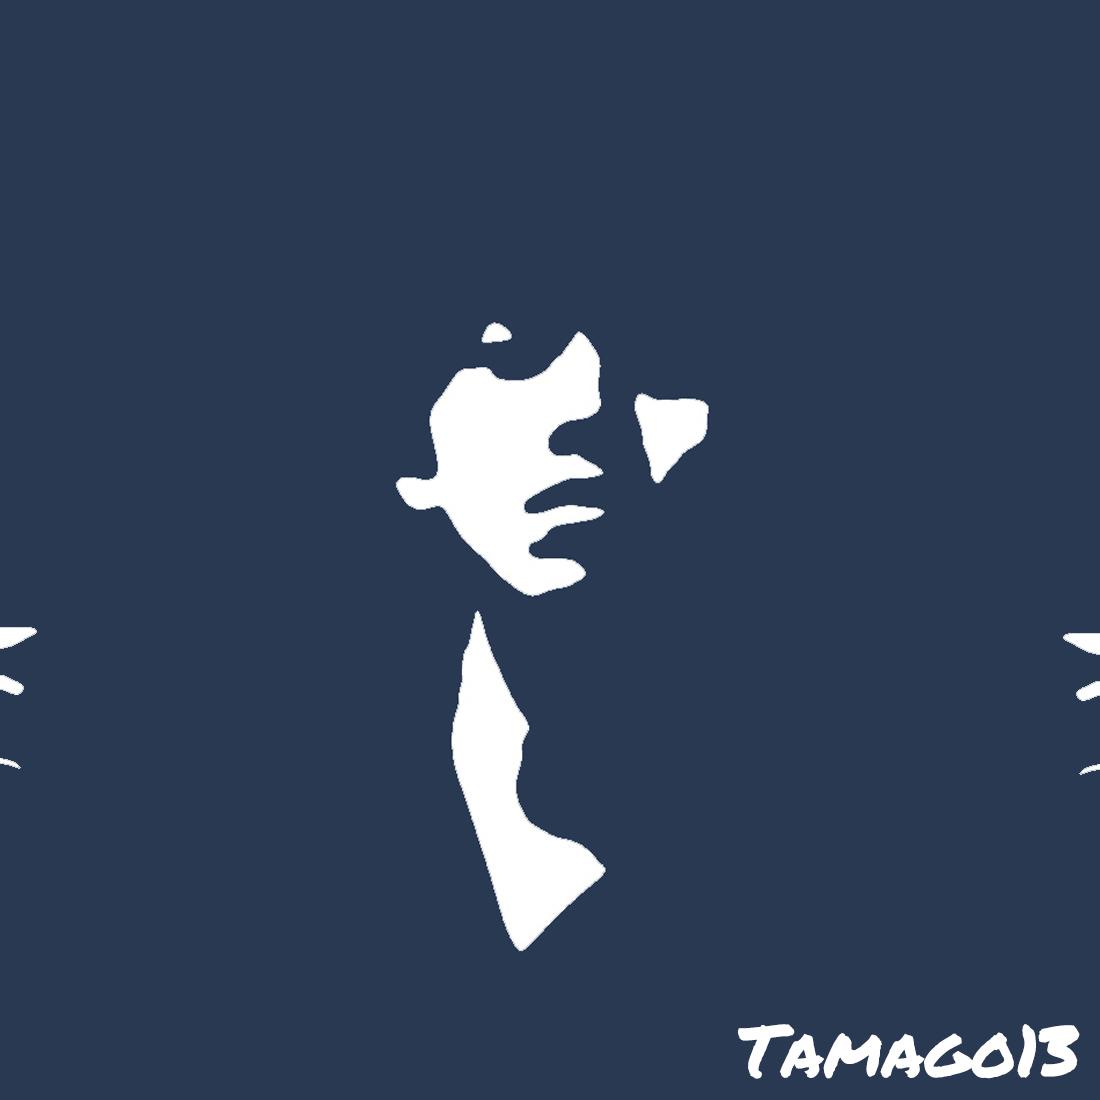 Tamago13の着ぐるみの中の人